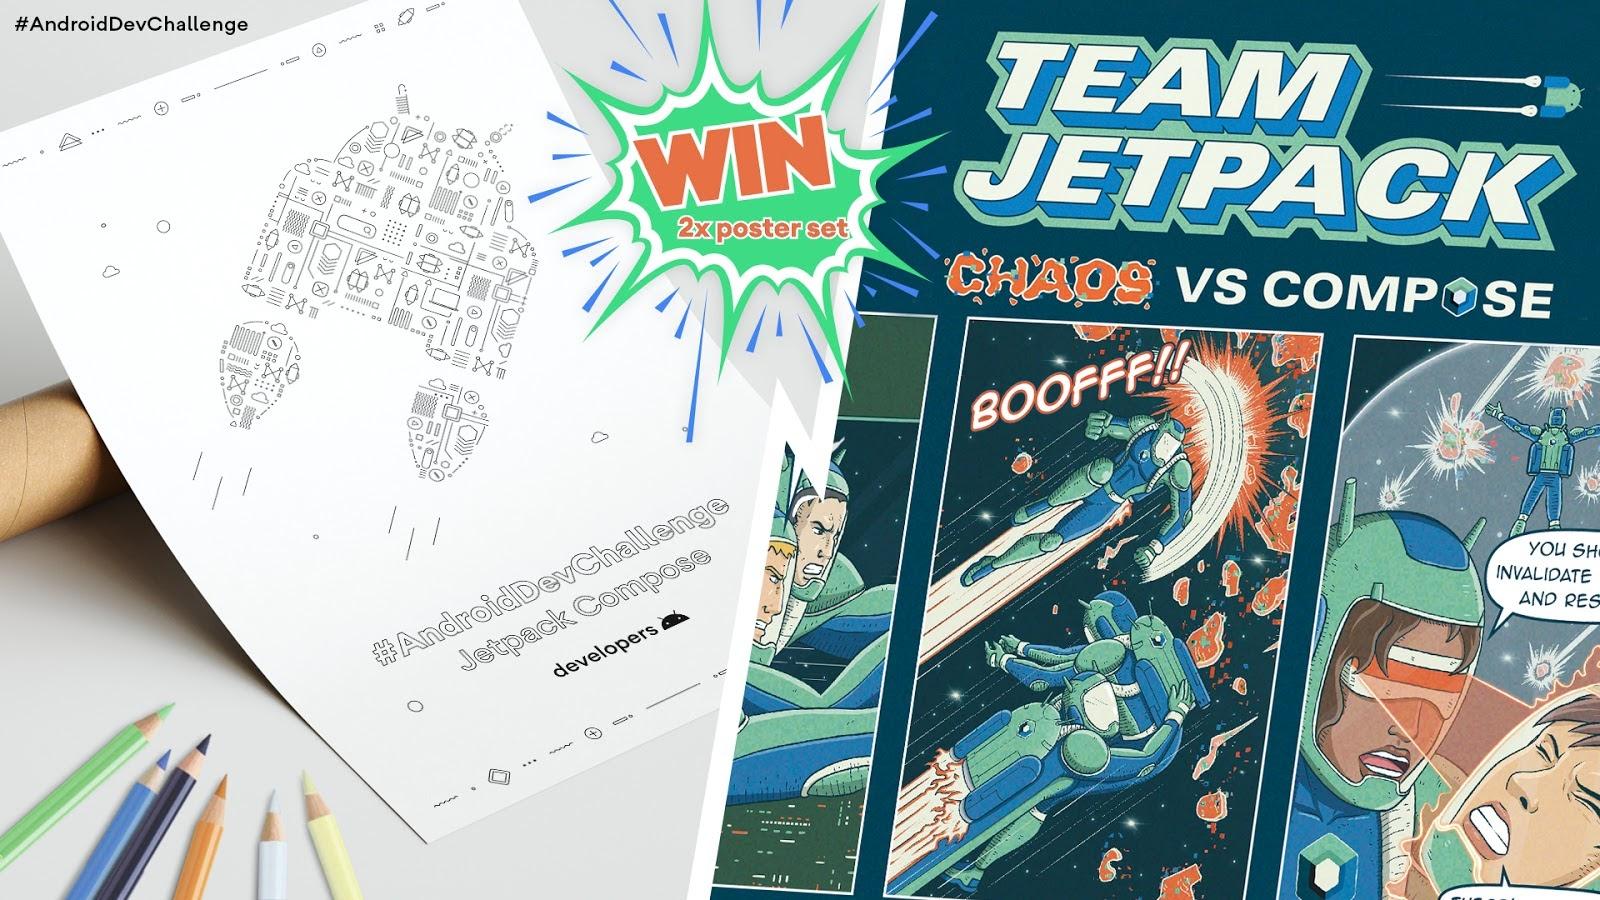 △ 第二周奖品: Jetpack Compose 海报集